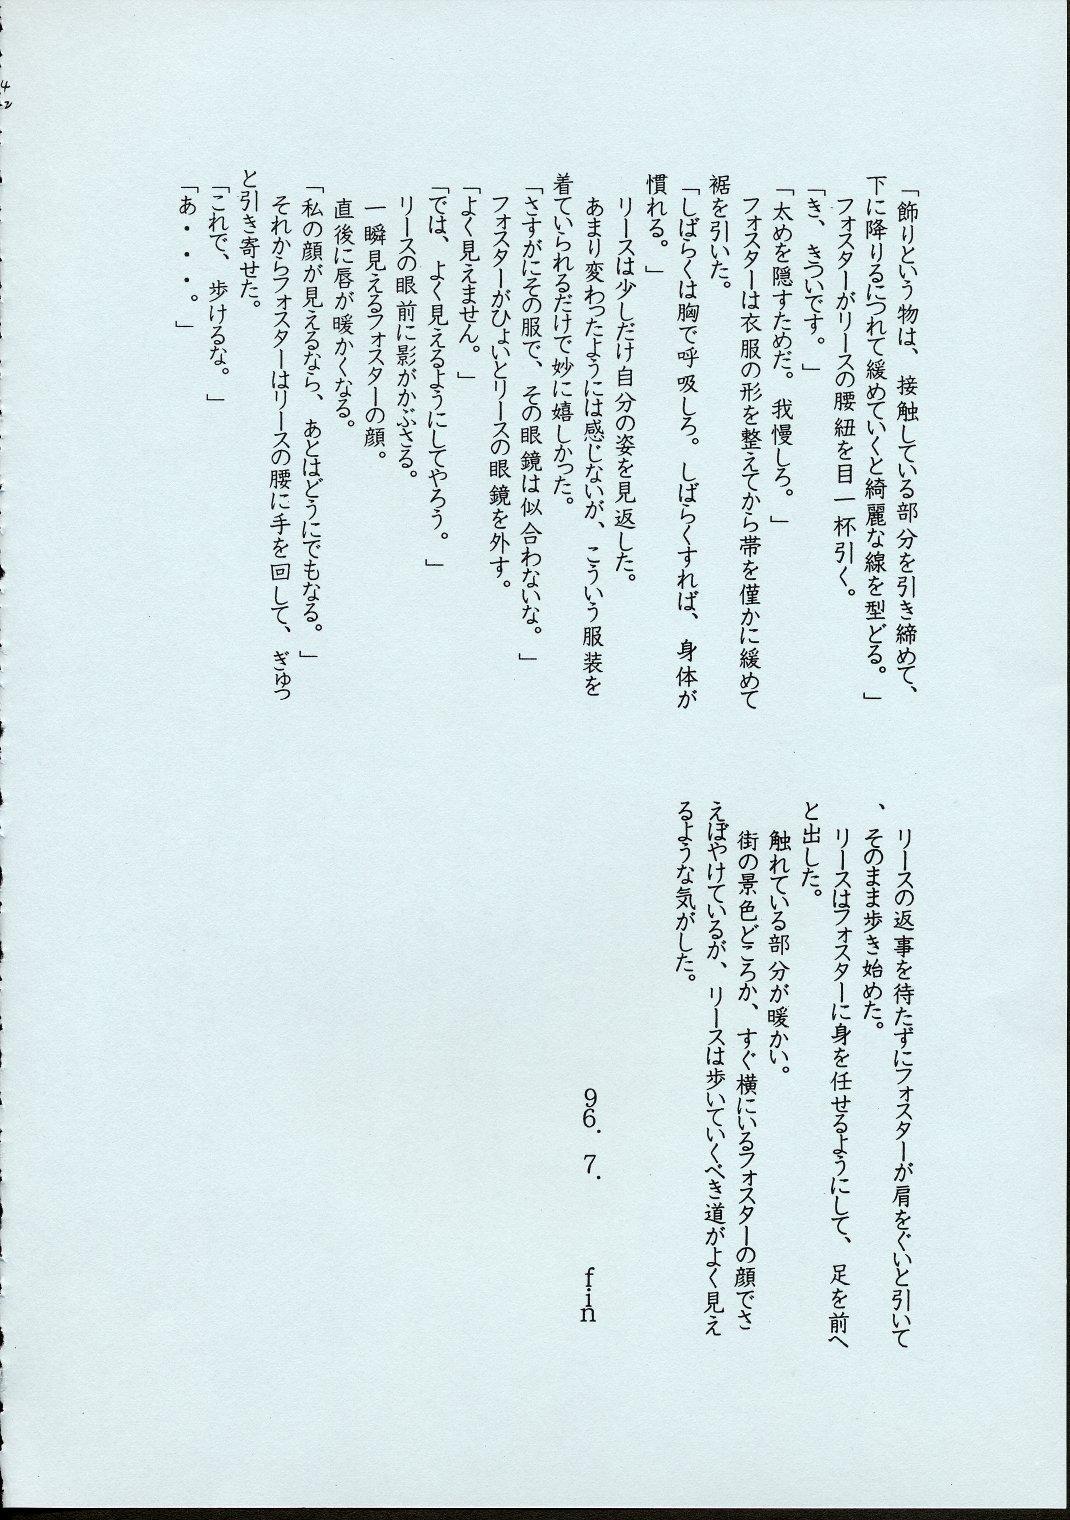 Maid-san kihonkei 40